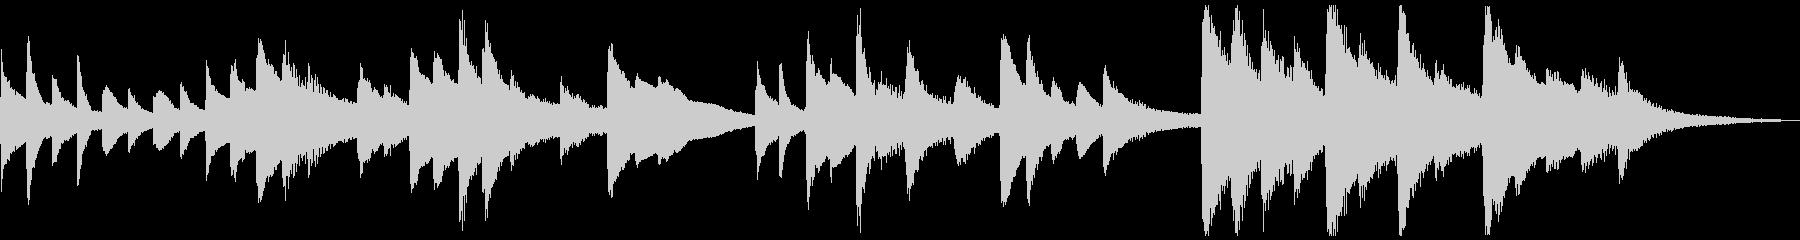 短いソロピアノのジングル曲2の未再生の波形